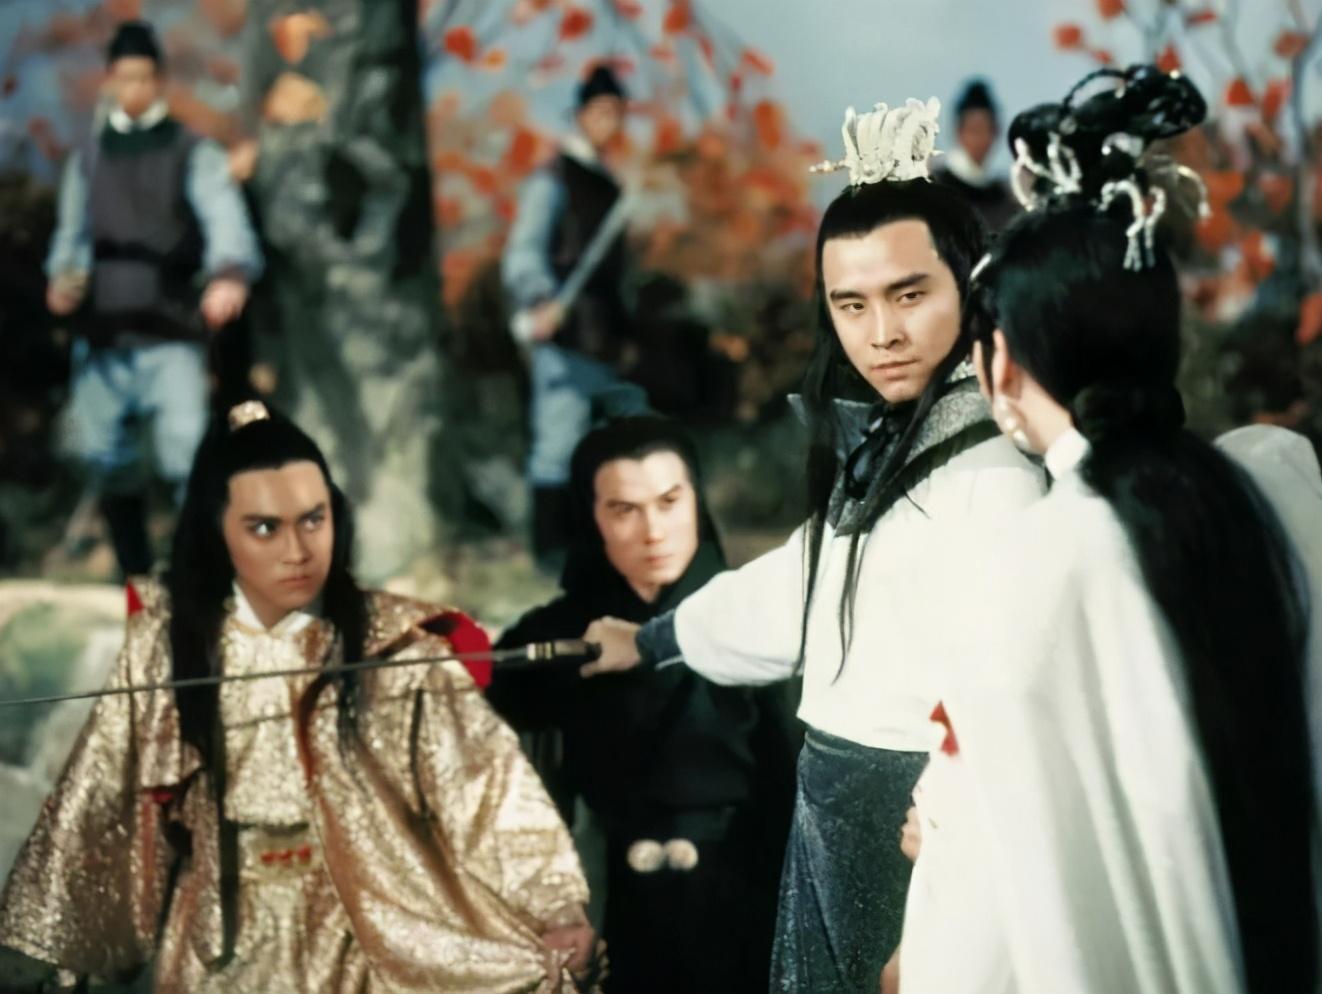 重温电影《三少爷的剑》,四十三年前的尔冬升,除了帅,还有演技